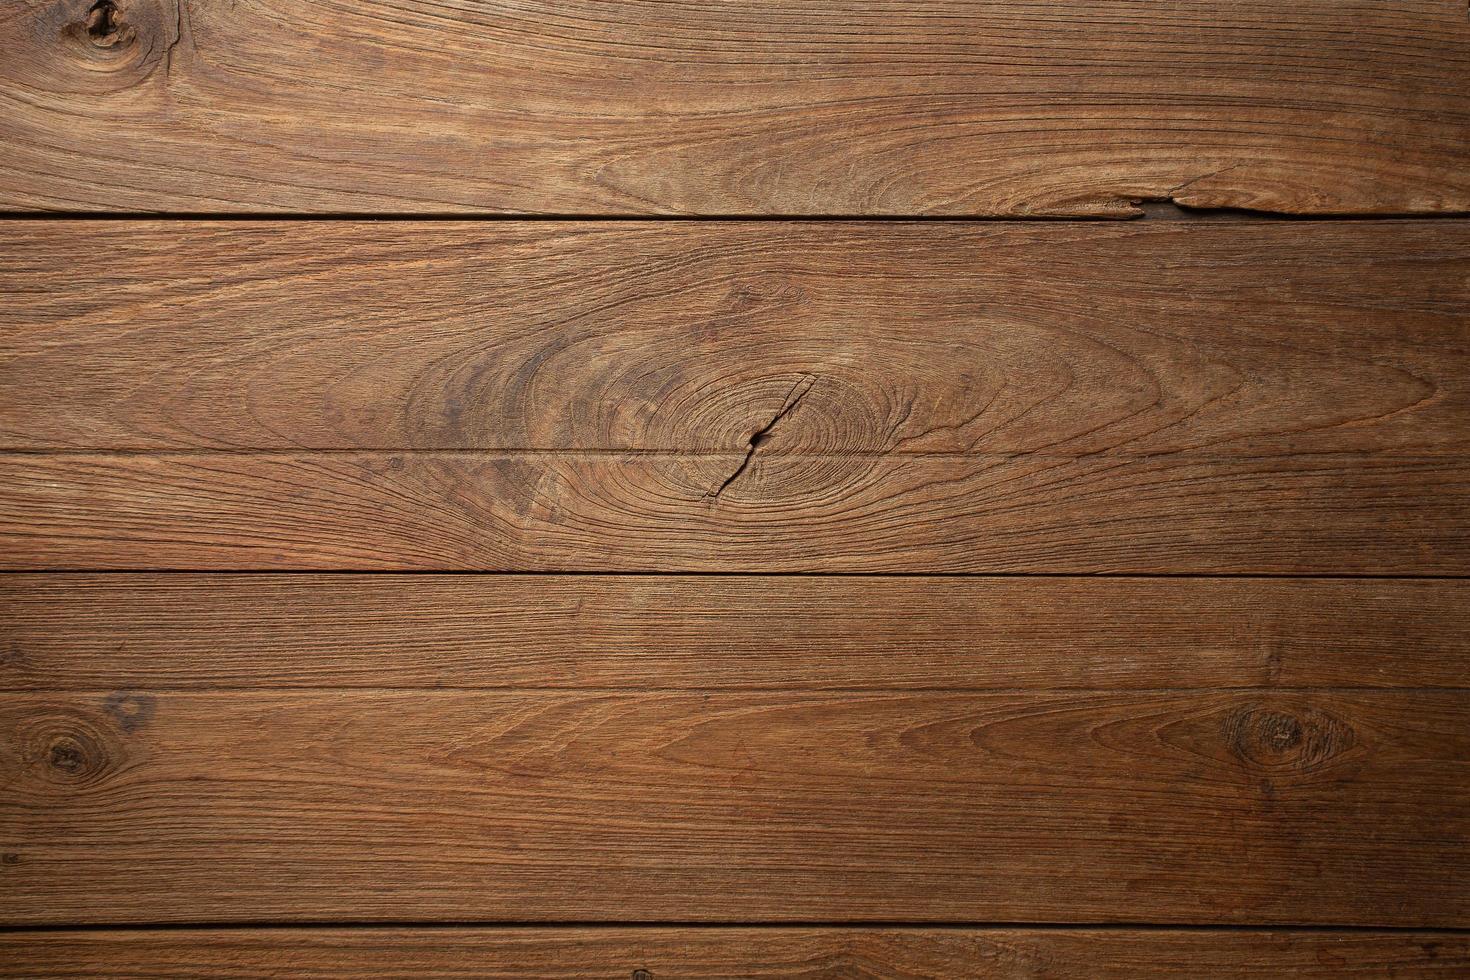 mörk gammal träbord textur bakgrund ovanifrån foto